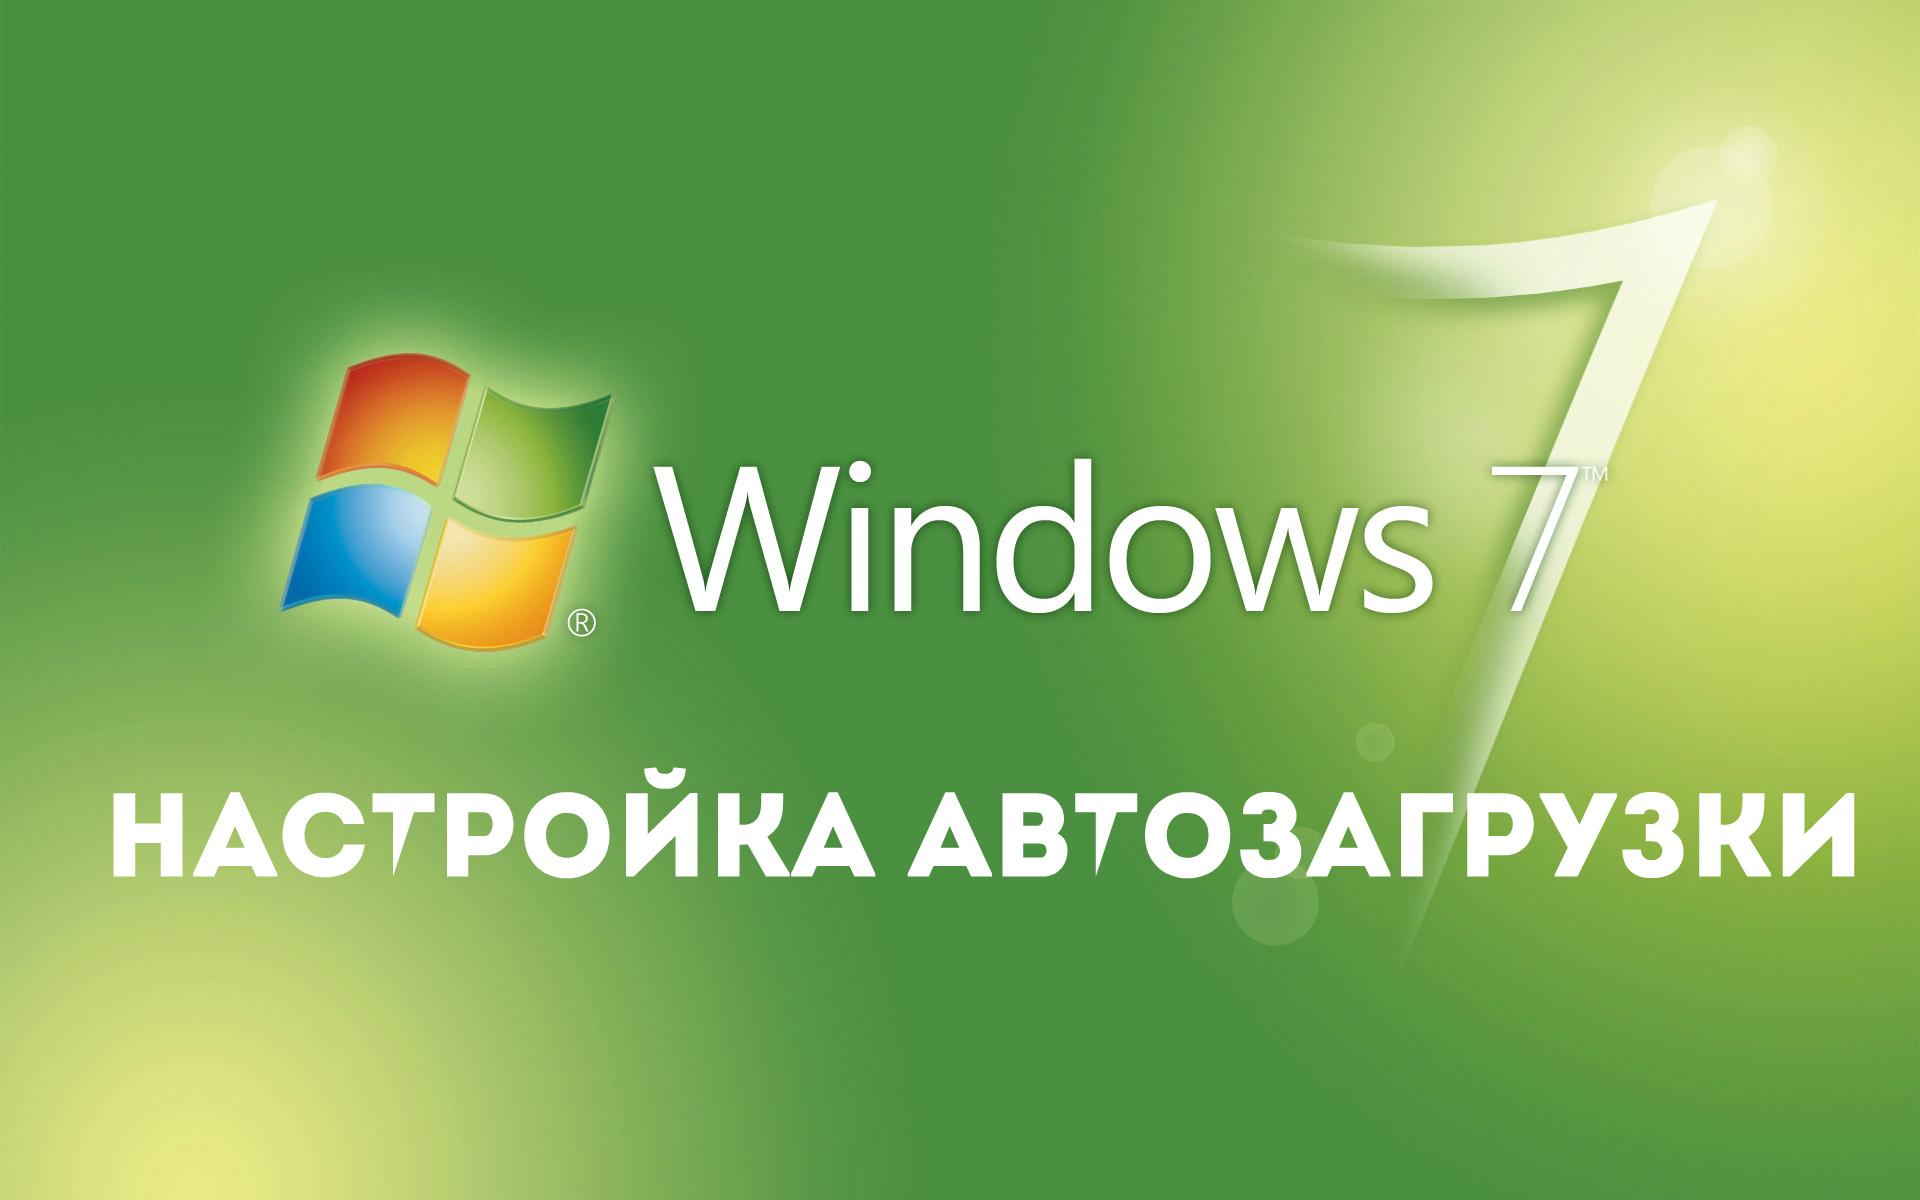 Настройка автозагрузки в Windows 7: удаление и добавление программ